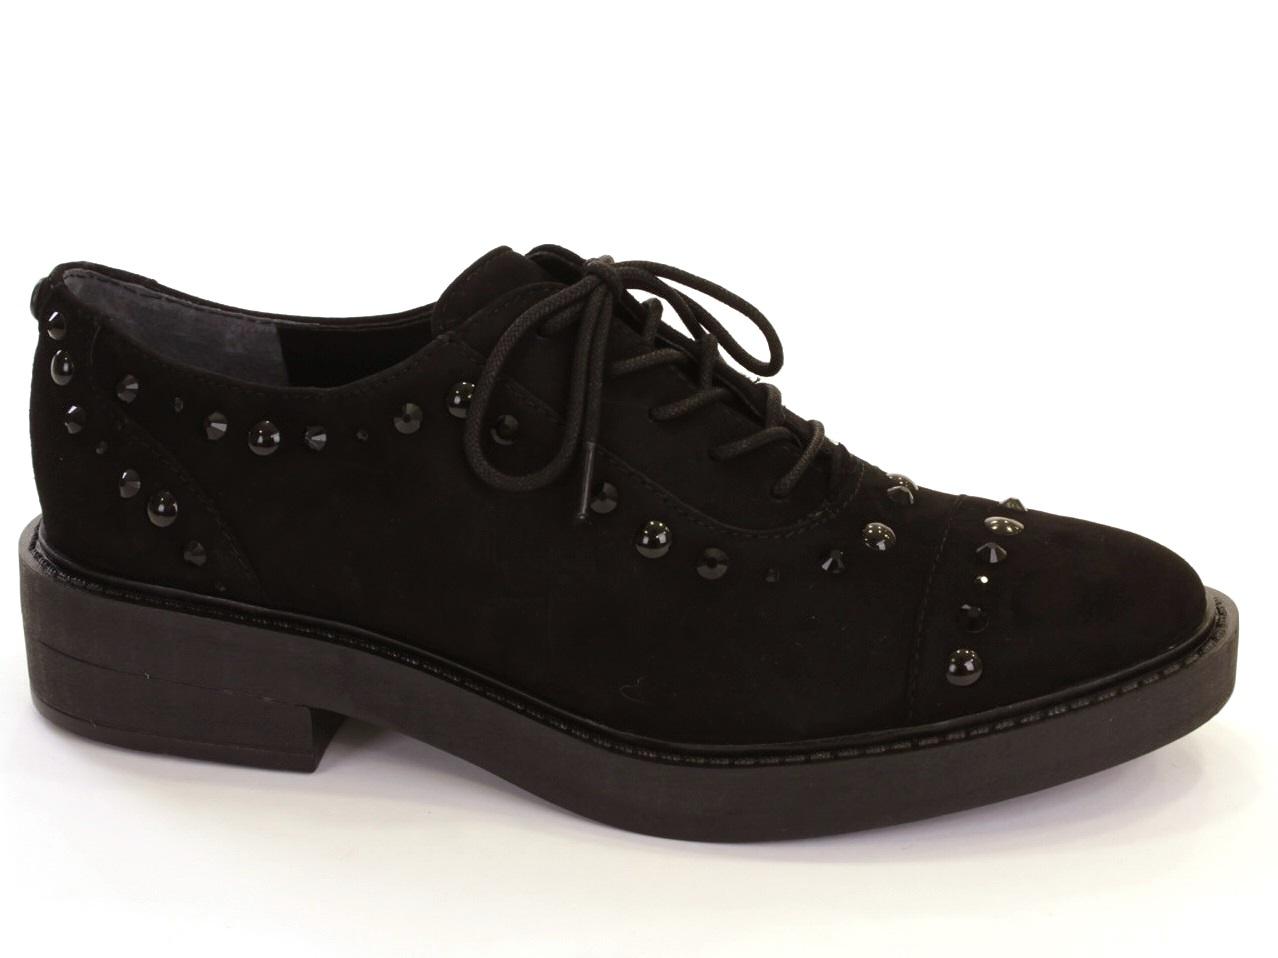 Sapatos Baixos, Sabrinas, Mocassins Guess - 465 FLVER4 SUE13